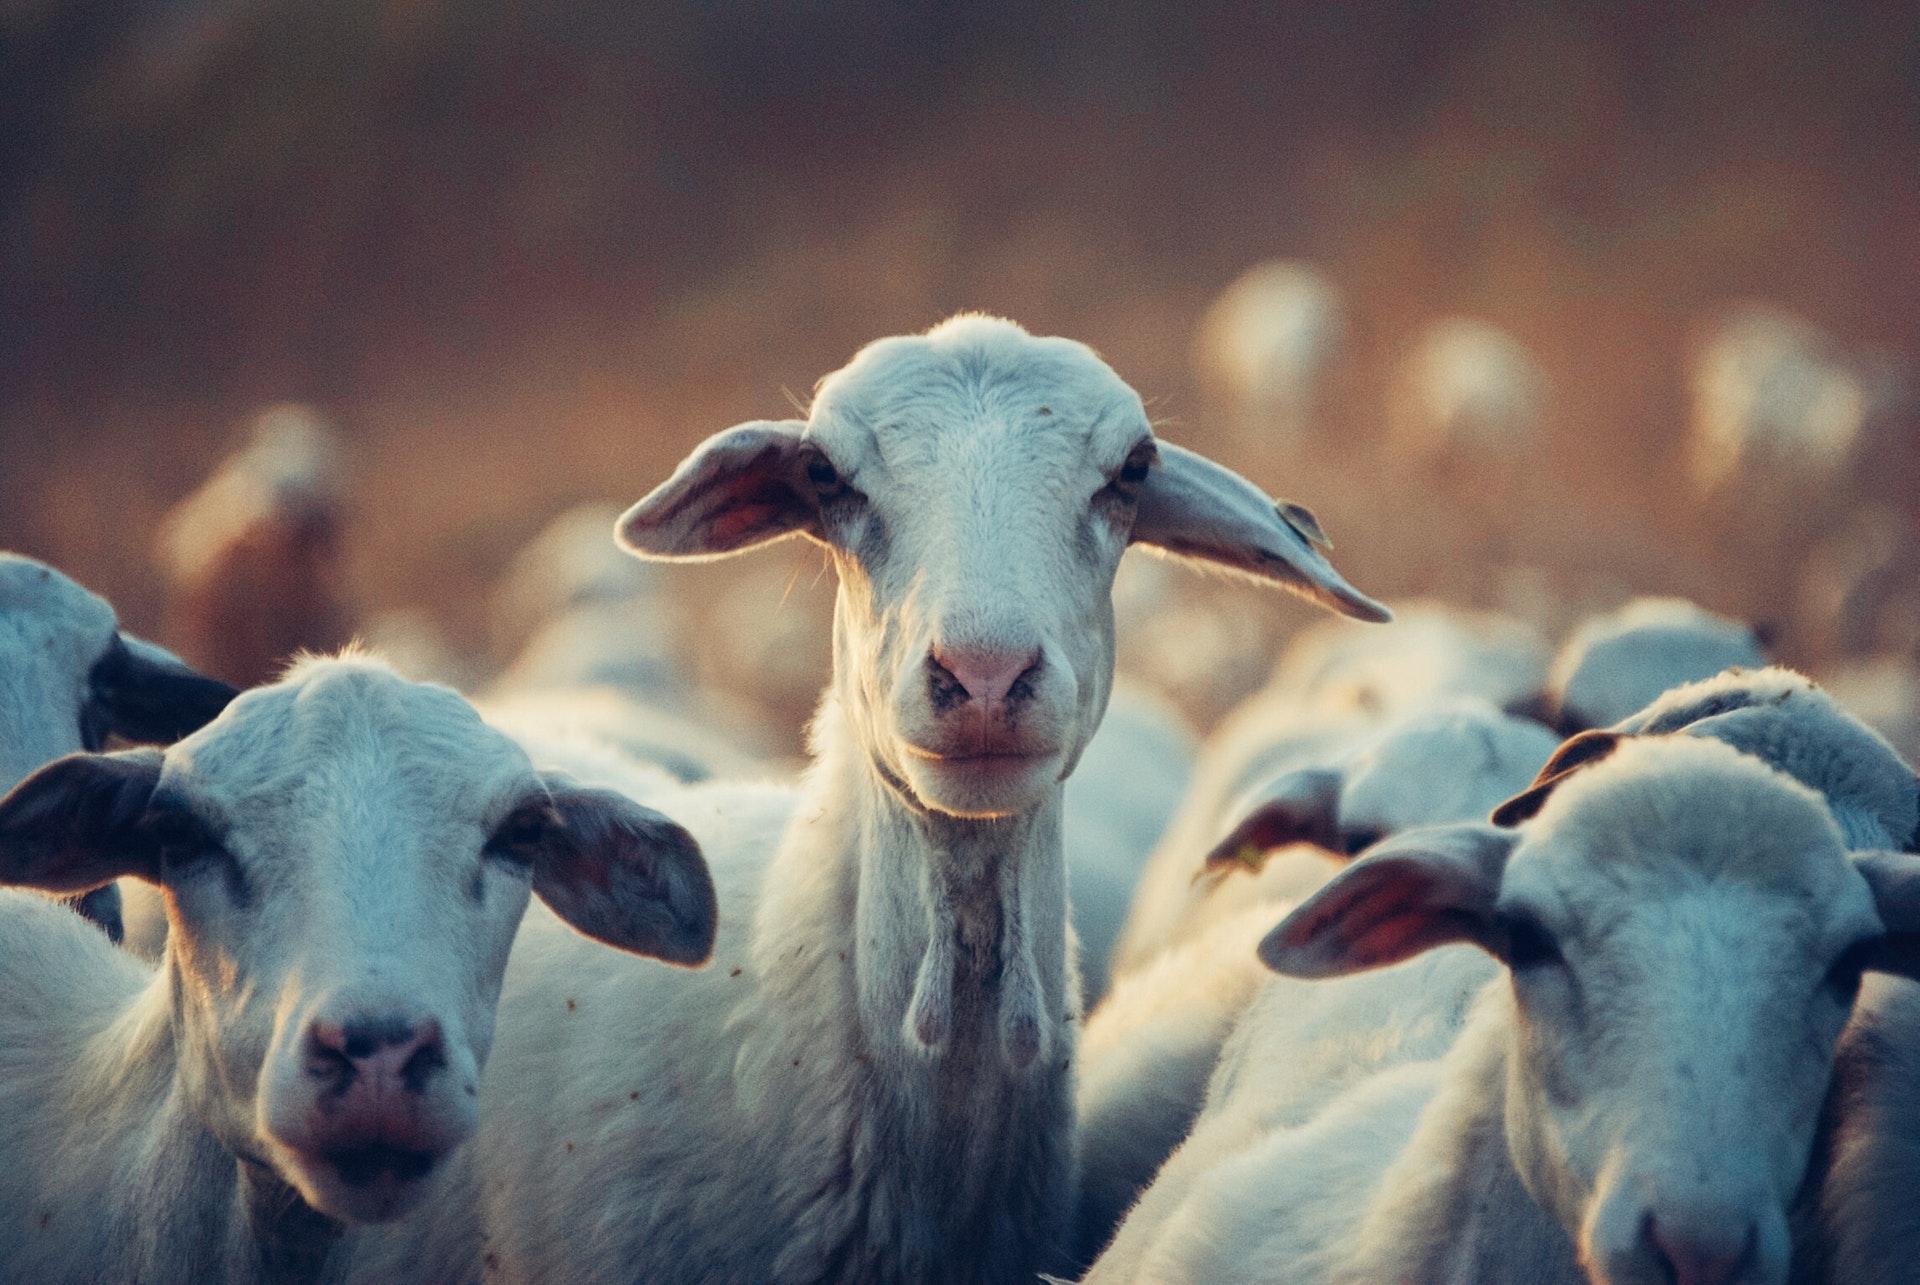 Sonhar com cabra em rebanho significa riqueza em família.